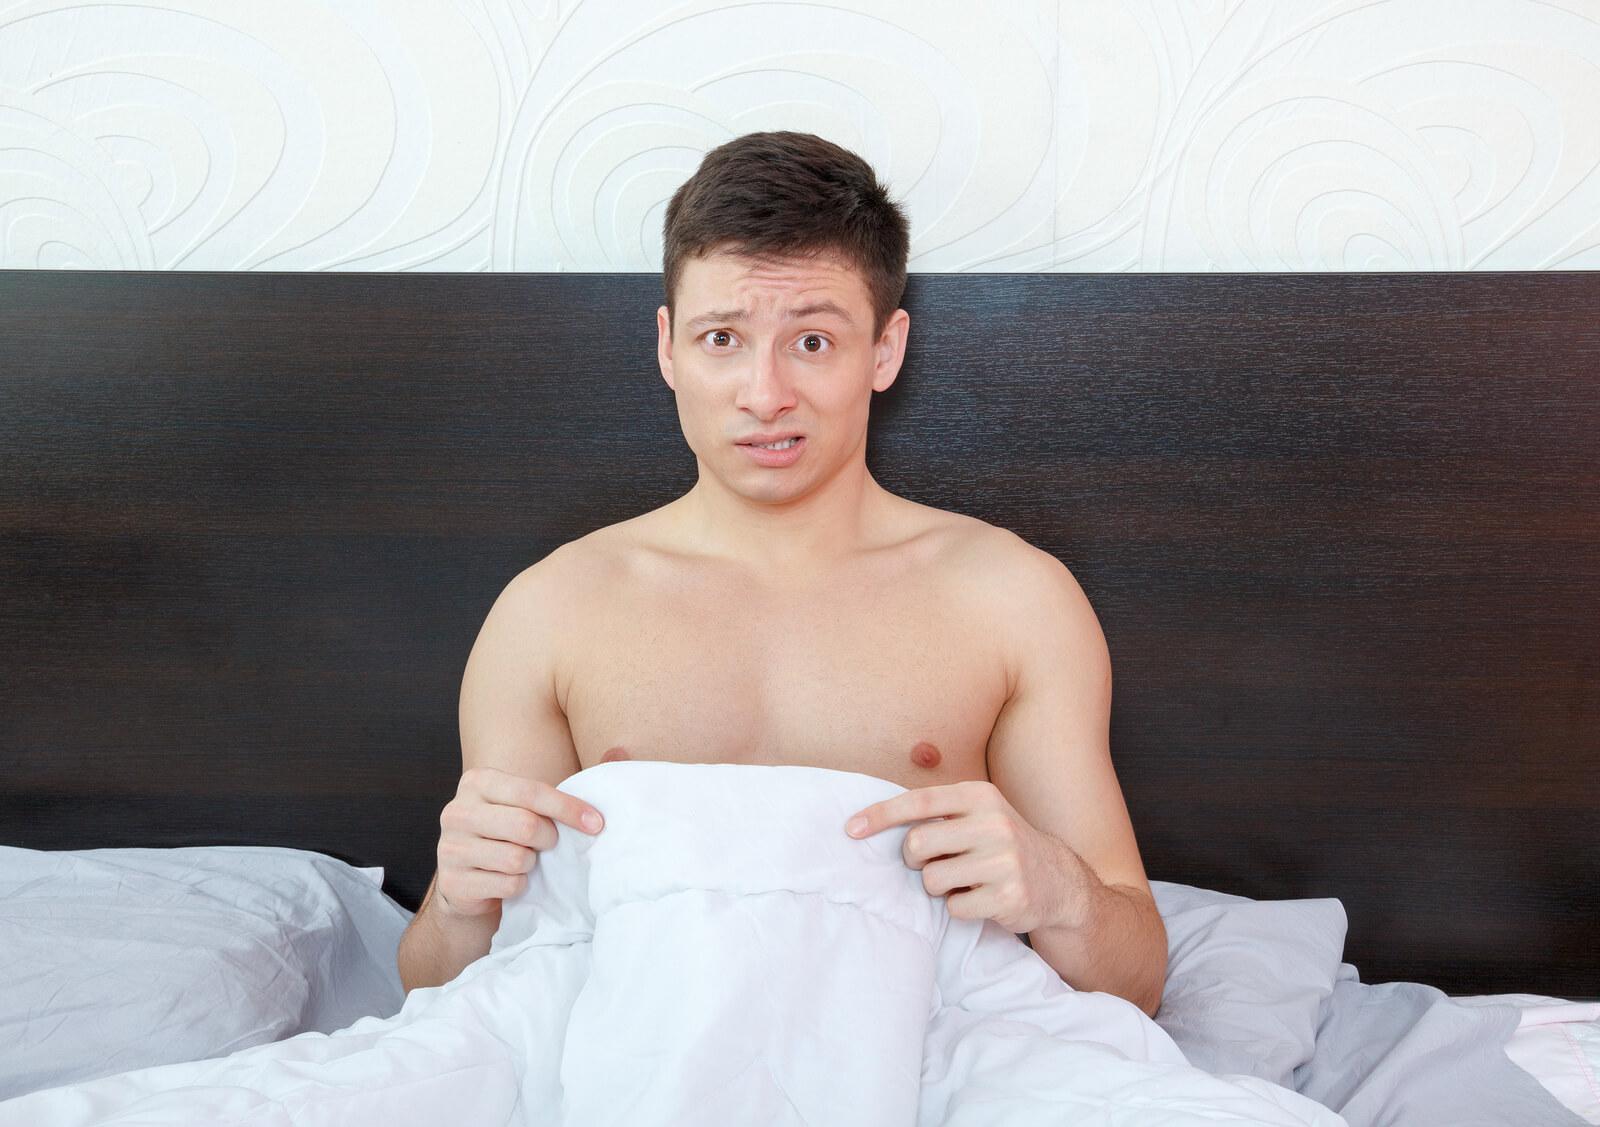 îngroșarea în penis